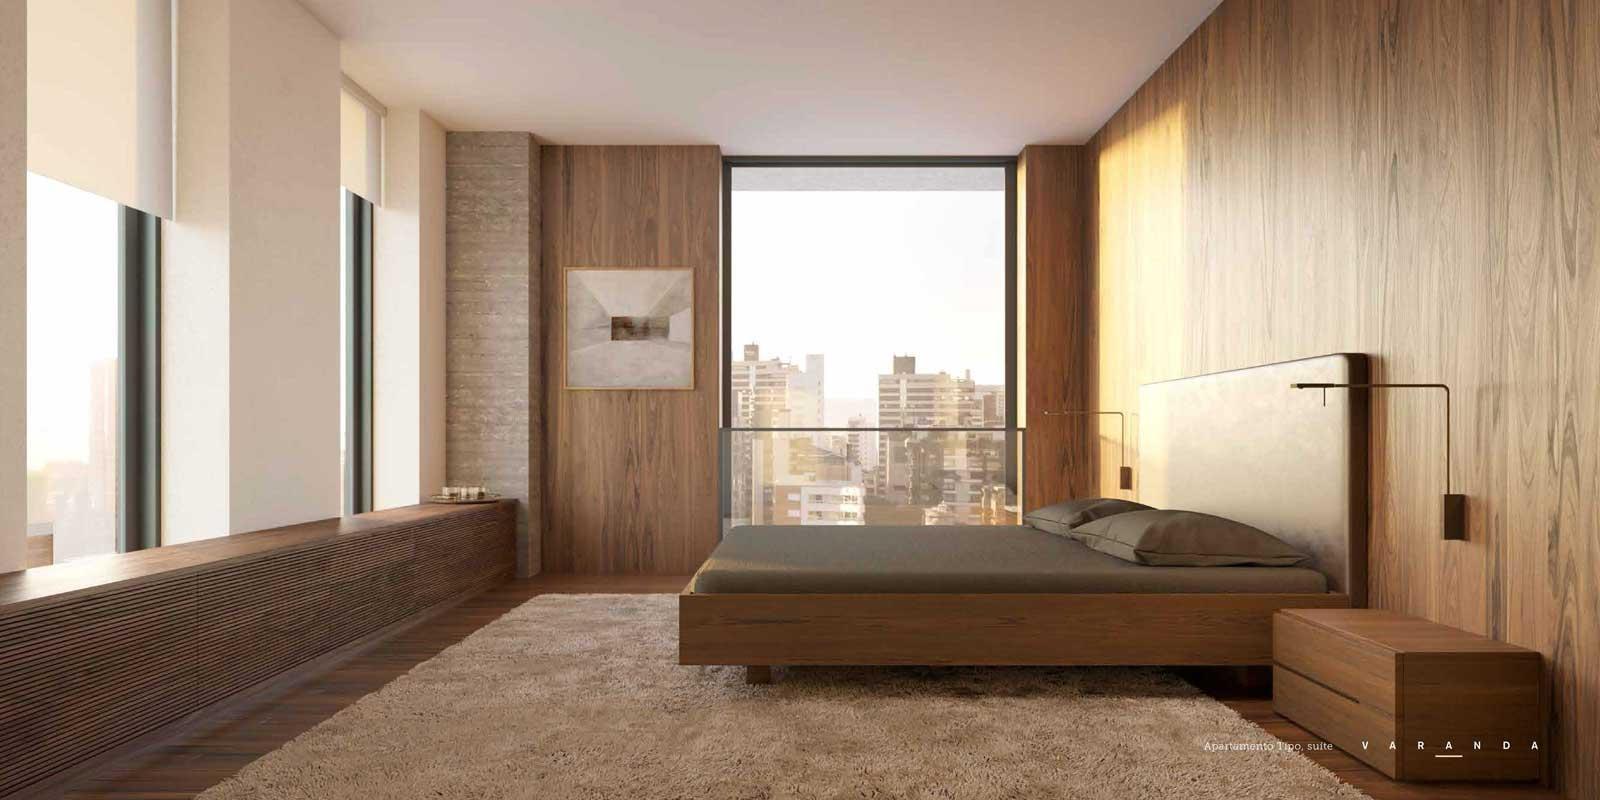 TPS Imóveis - Veja Foto 38 de 40 do Apartamento com 3 Suites no bairro Petrópolis, Porto Alegre